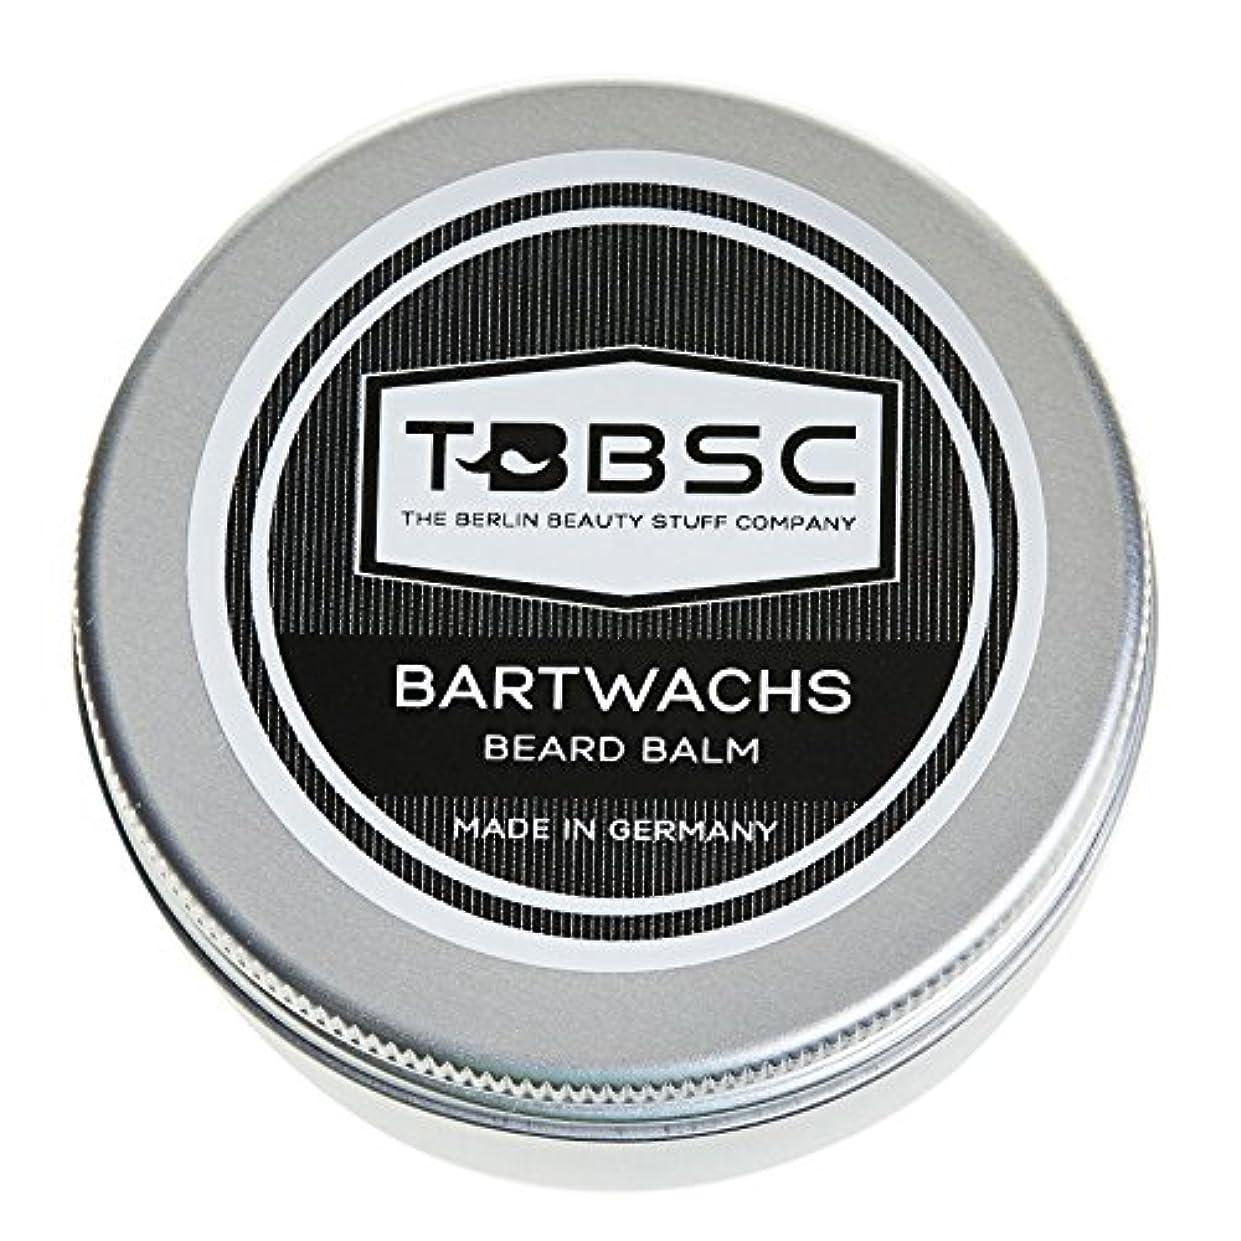 ポールフィットネス溶接TBBSCビアードワックス60gドイツ製ケア+スタイリングのためのひげバーム